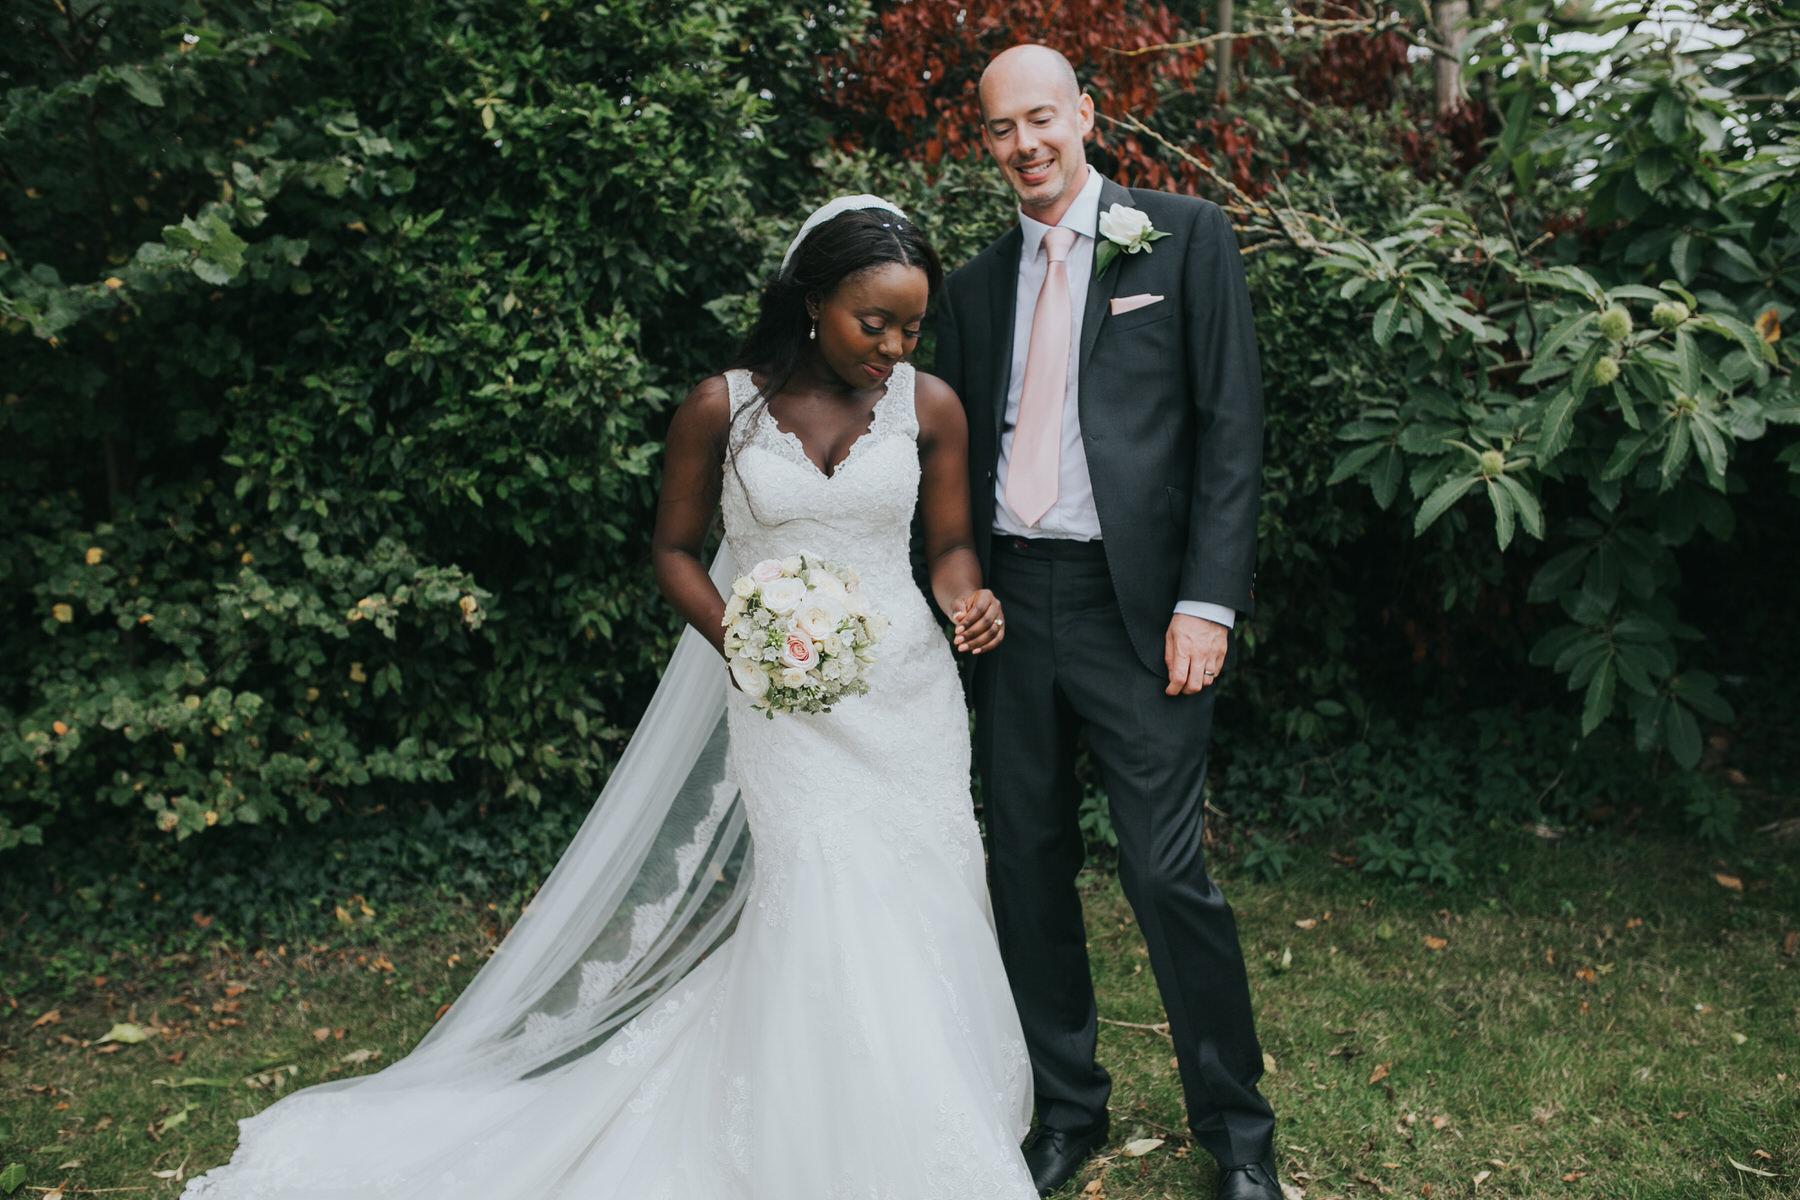 190 Belair House groom bride dancing portraits.jpg